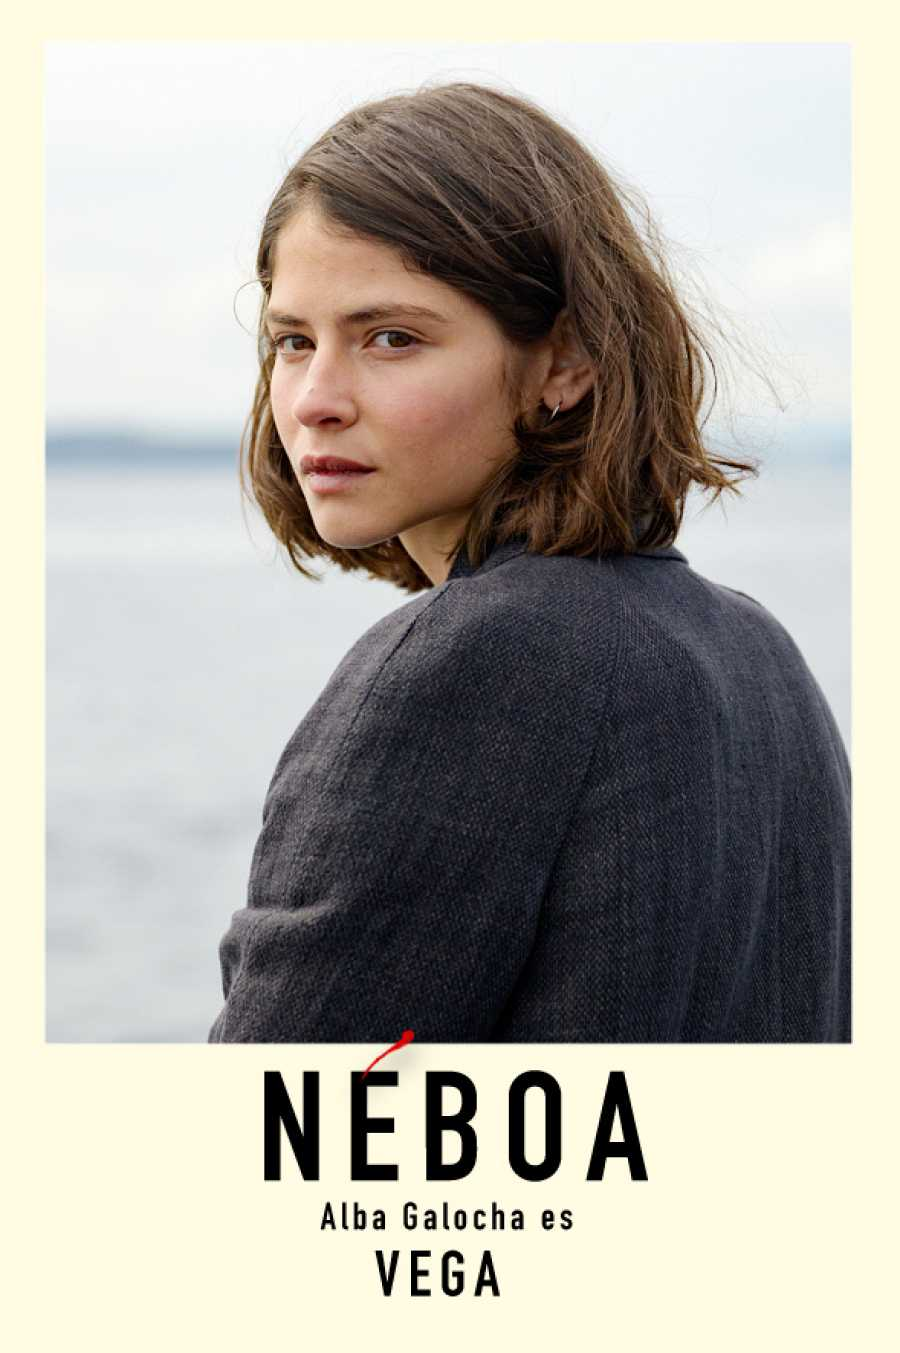 Alba Galocha es 'Vega'